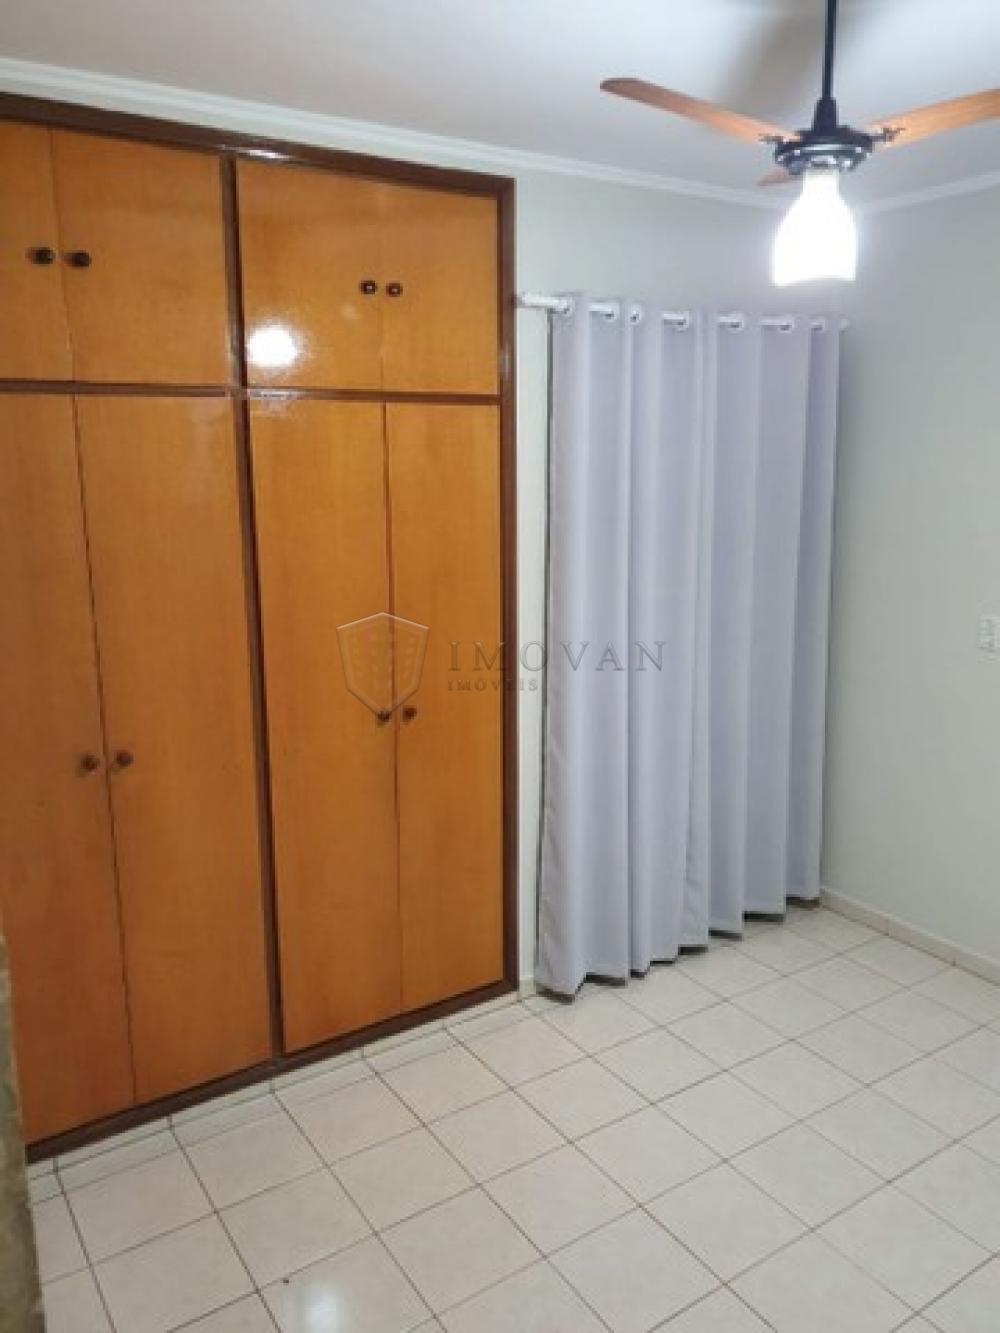 Comprar Apartamento / Padrão em Ribeirão Preto R$ 150.000,00 - Foto 9